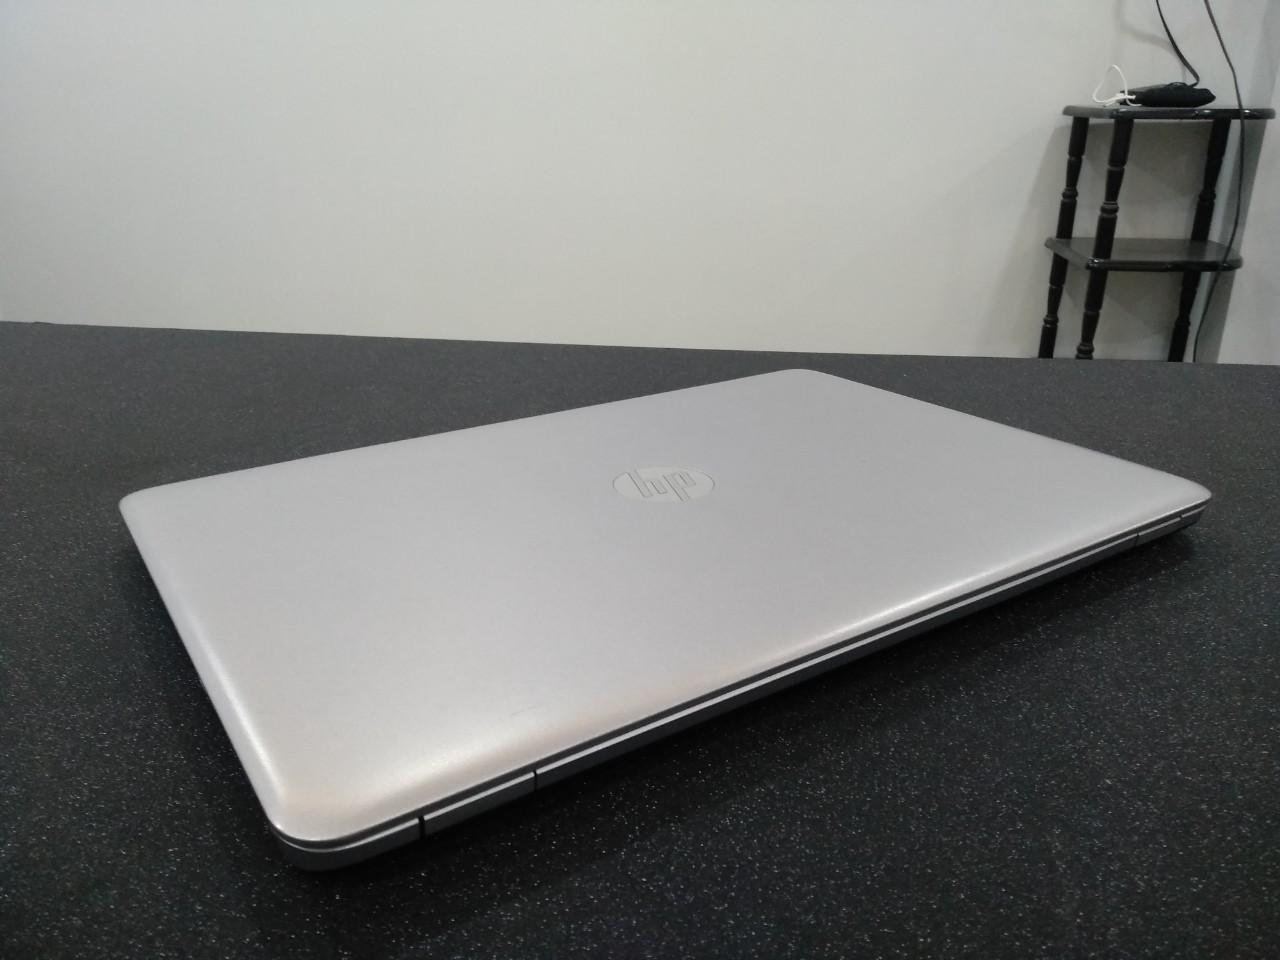 """HP EliteBook 850 G3 i5 6200U/ 8GB/ 256GB SSD/ 15.6"""" HD"""